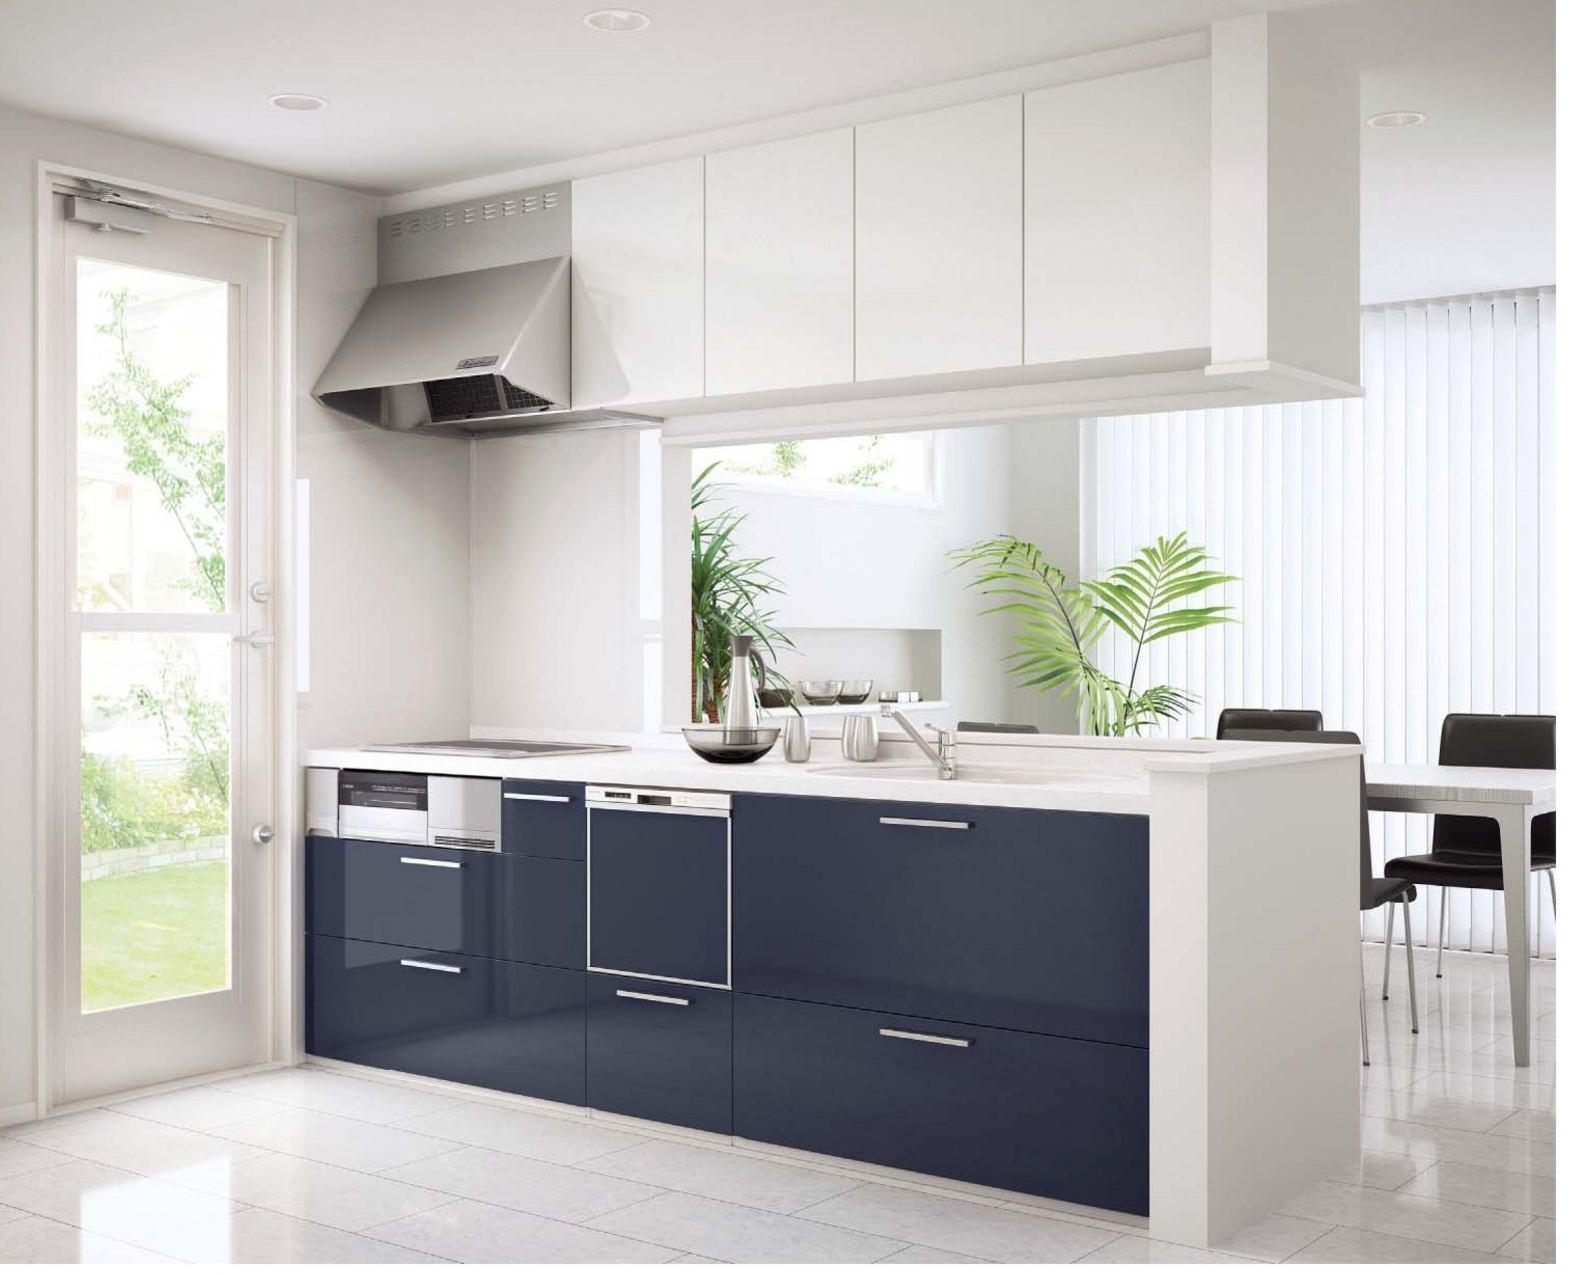 hvid-lille-køkken-design